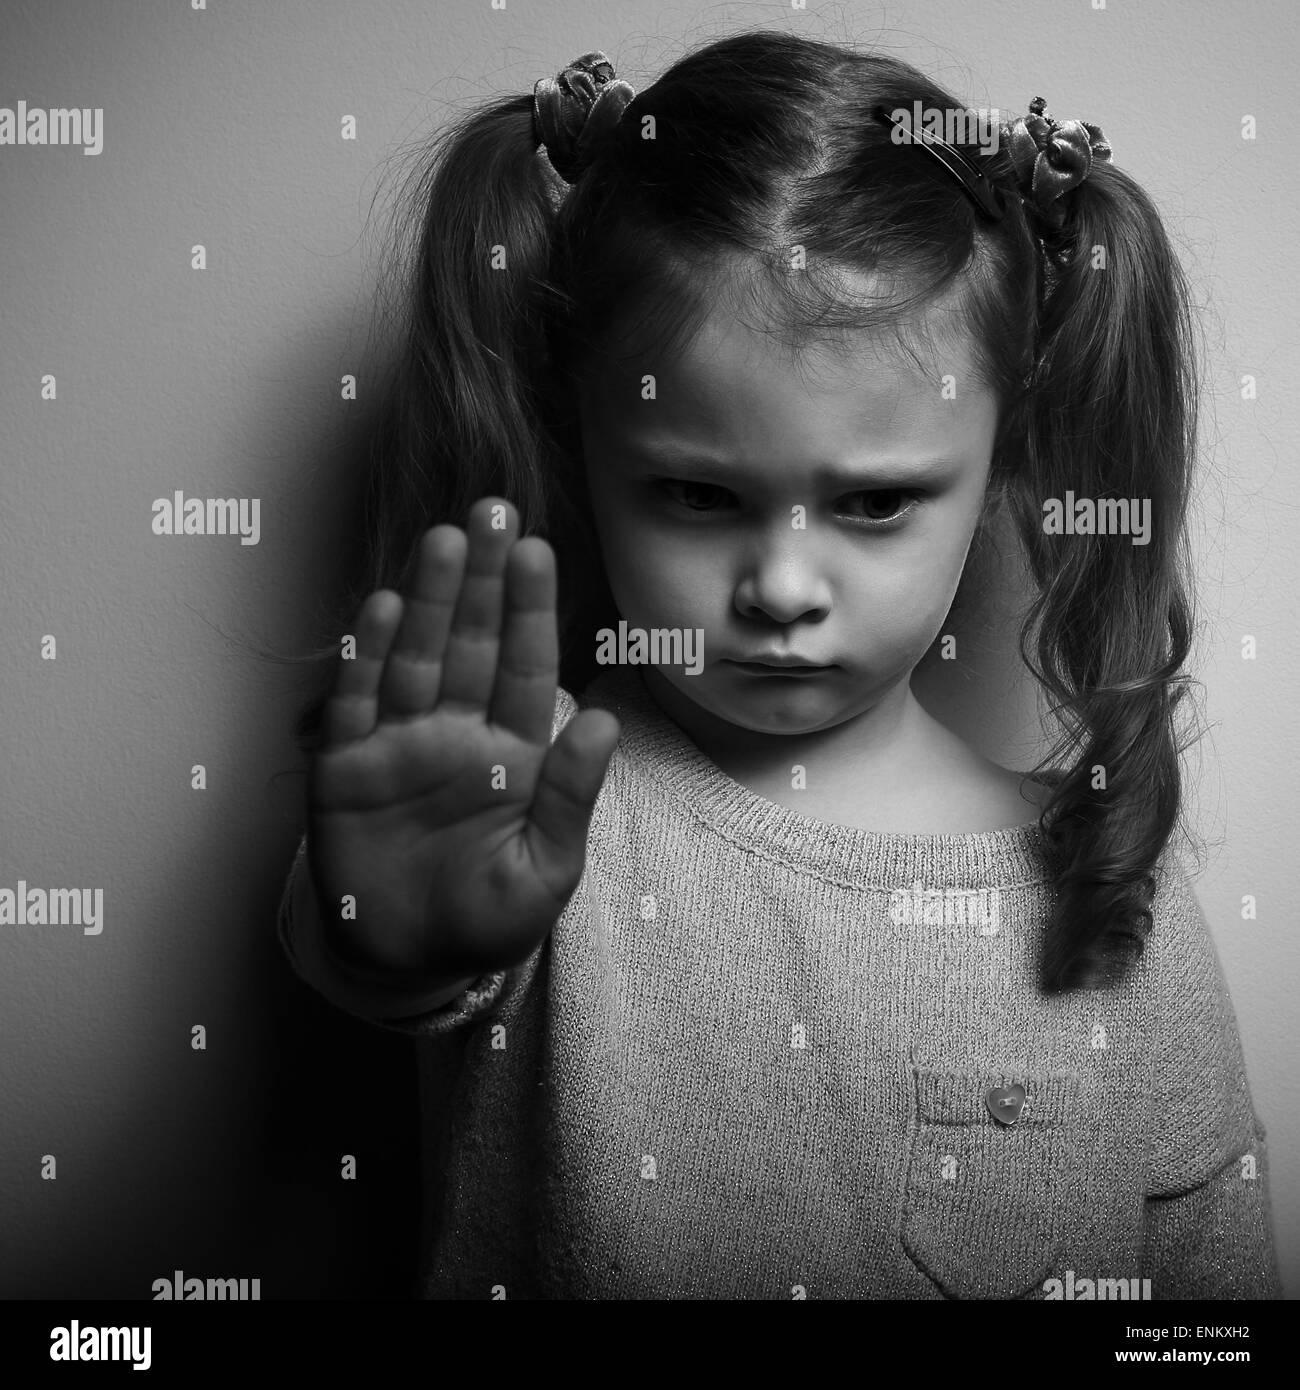 Kind Mädchen zeigen Hand-Signalisierung, Gewalt und Schmerz und schaut mit traurigen Gesicht zu stoppen. Schwarz Stockbild